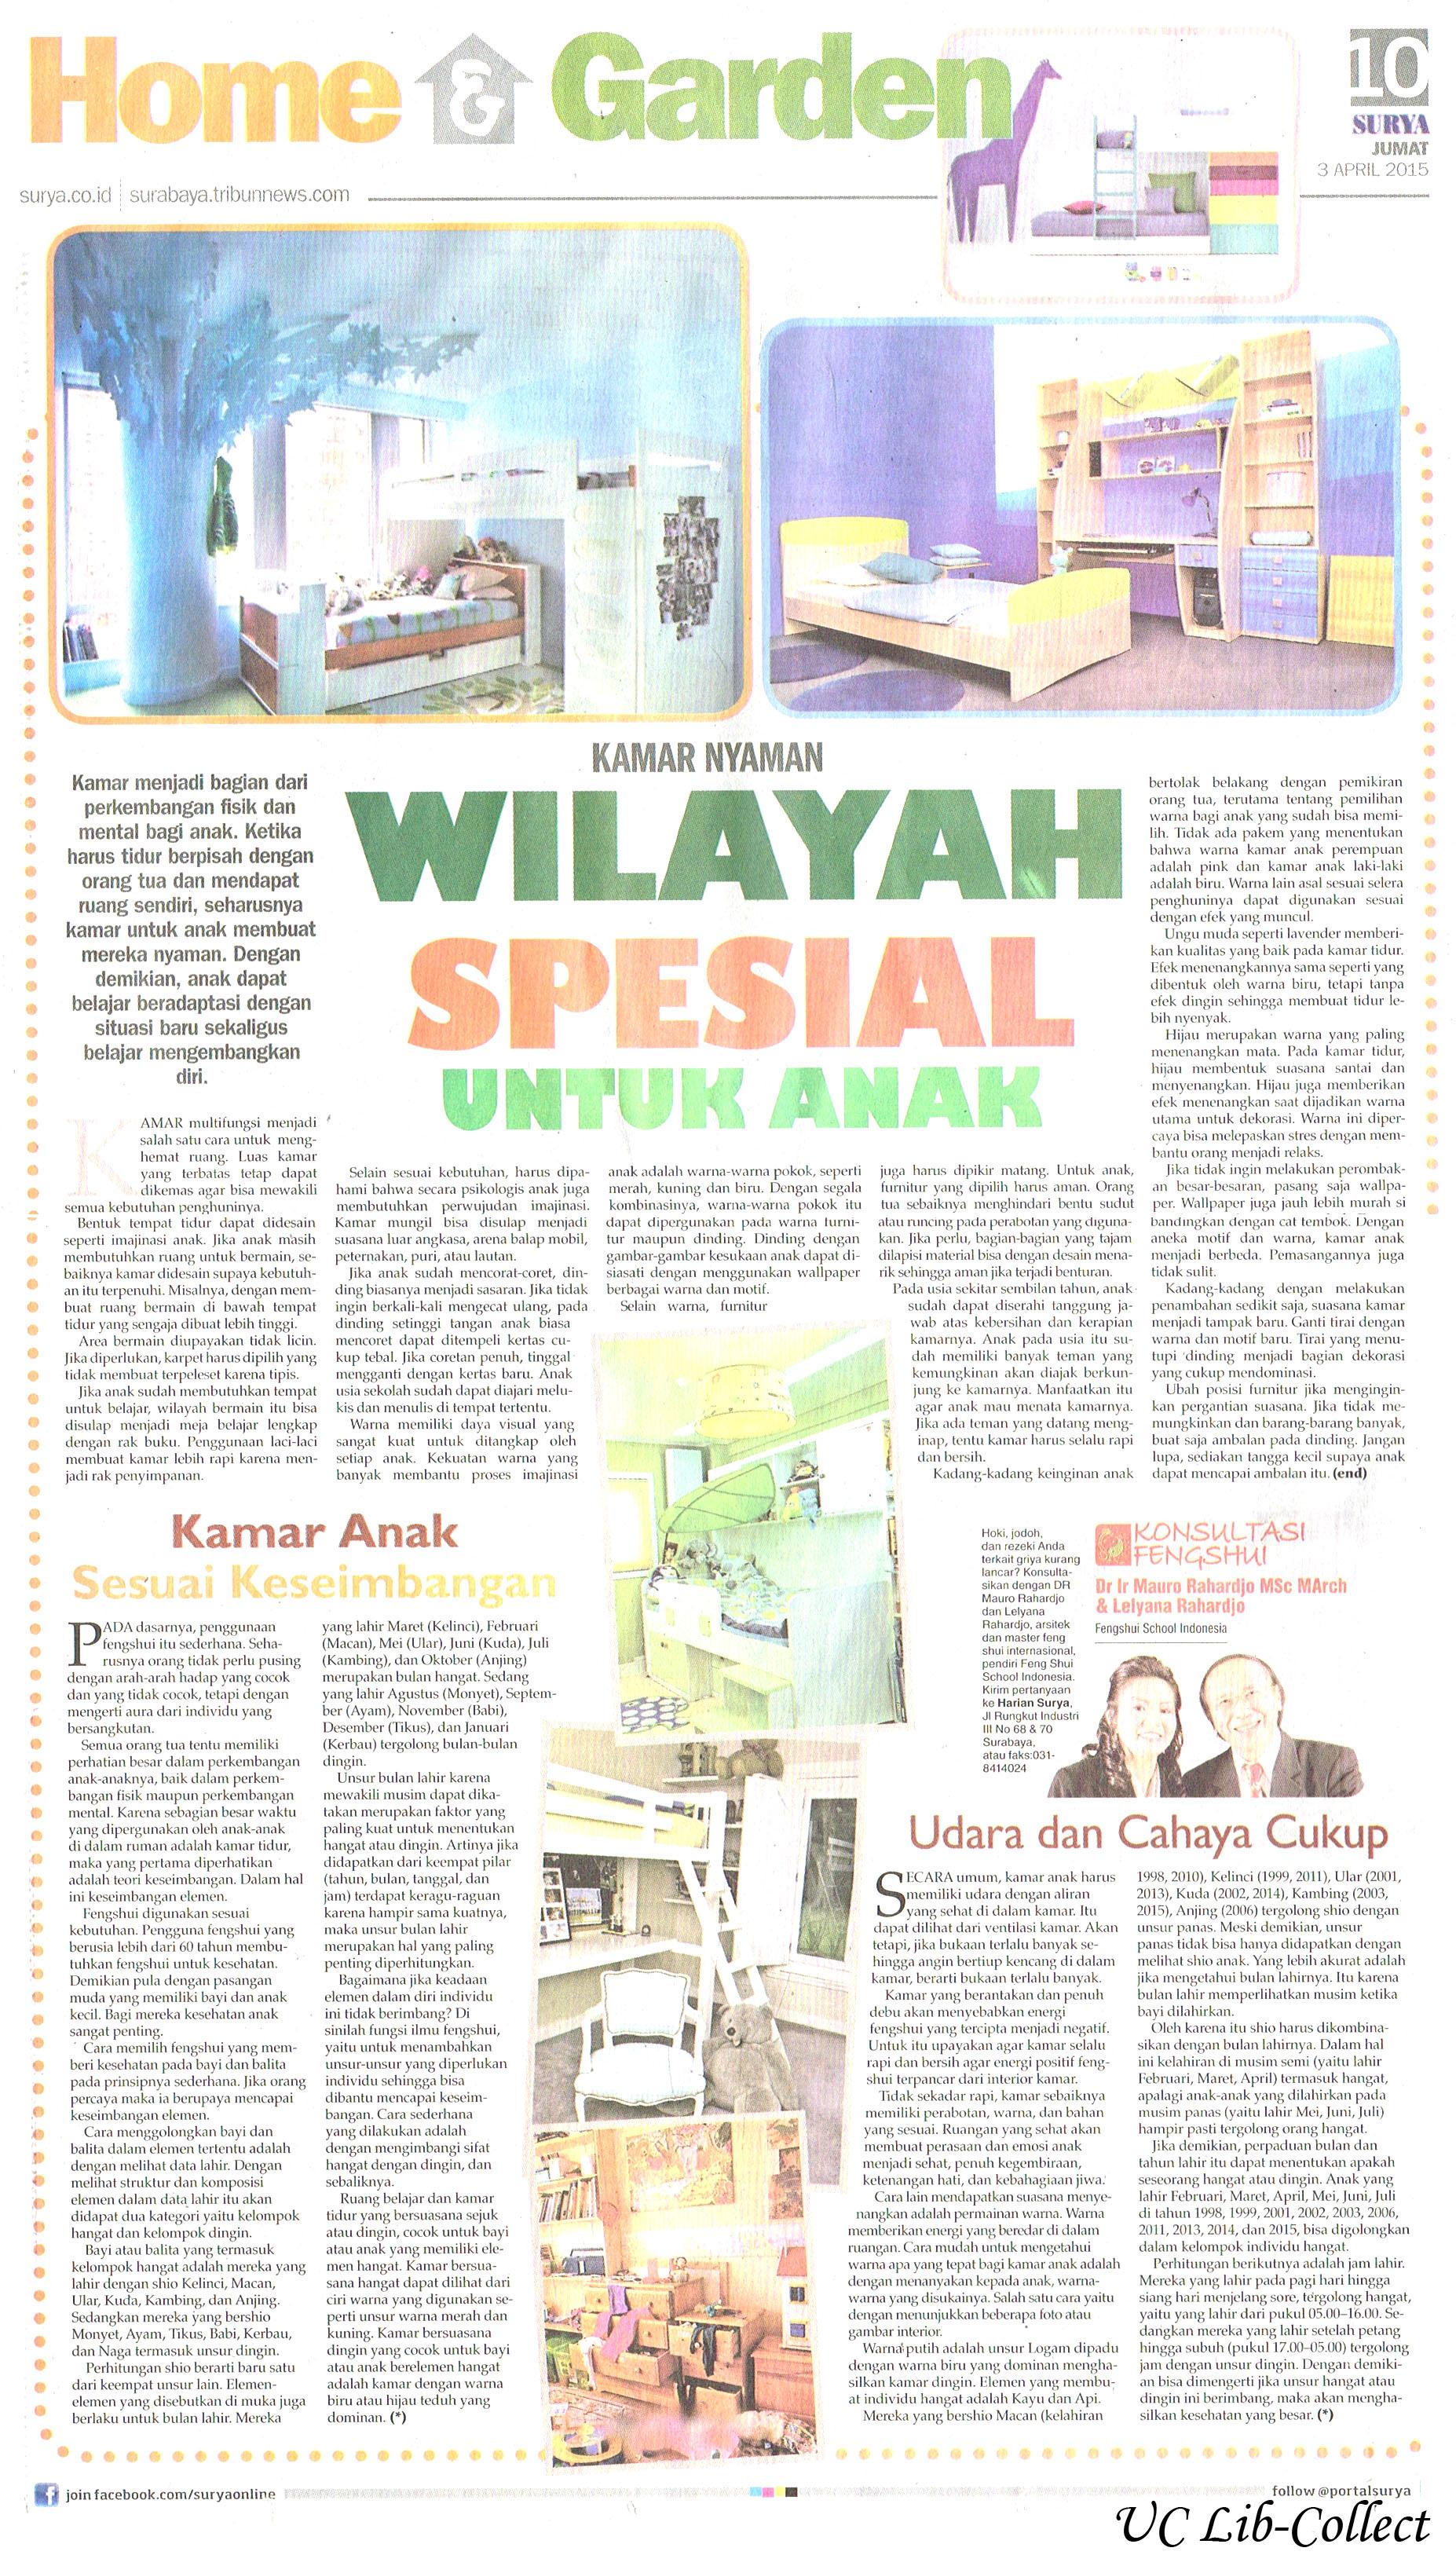 Kamar Nyaman Wilayah Spesial untuk Amak. Surya.3 April 2015.Hal.10